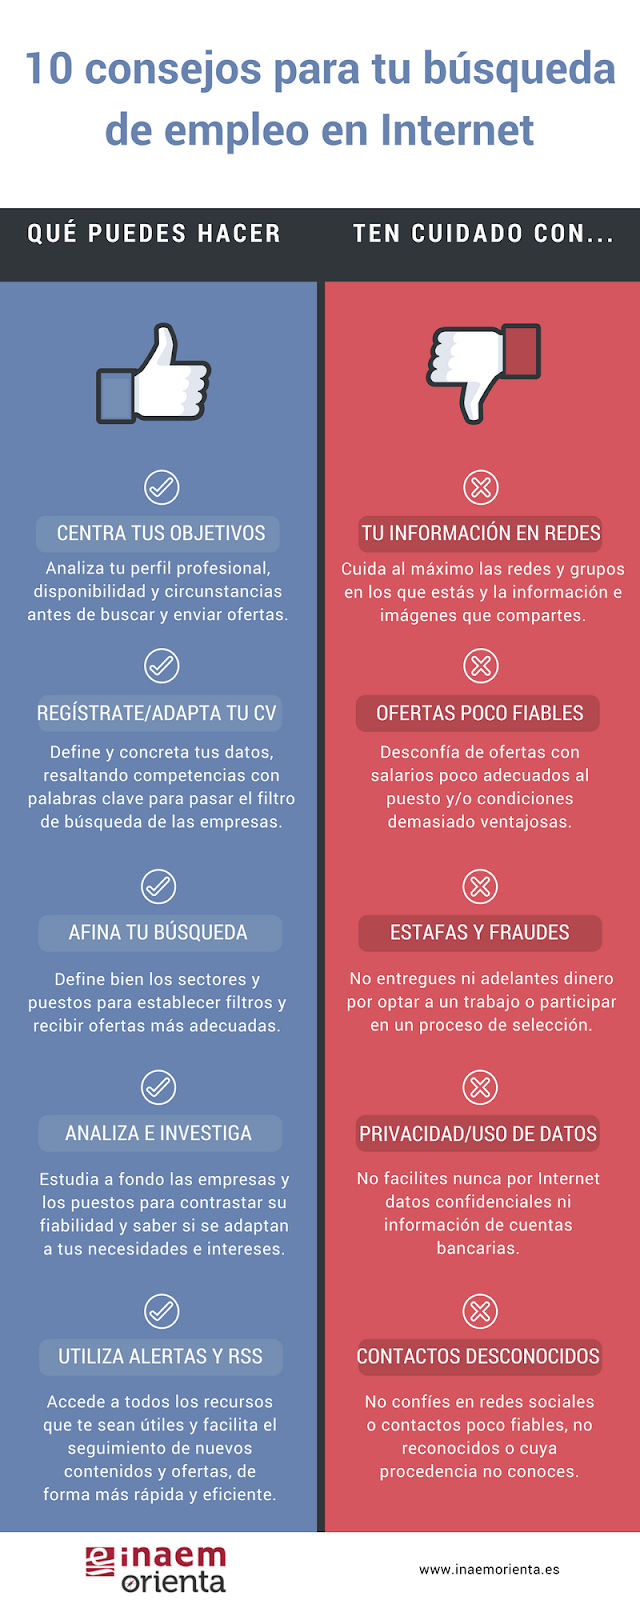 Infografía, 10 consejos para tu búsqueda de empleo en Internet